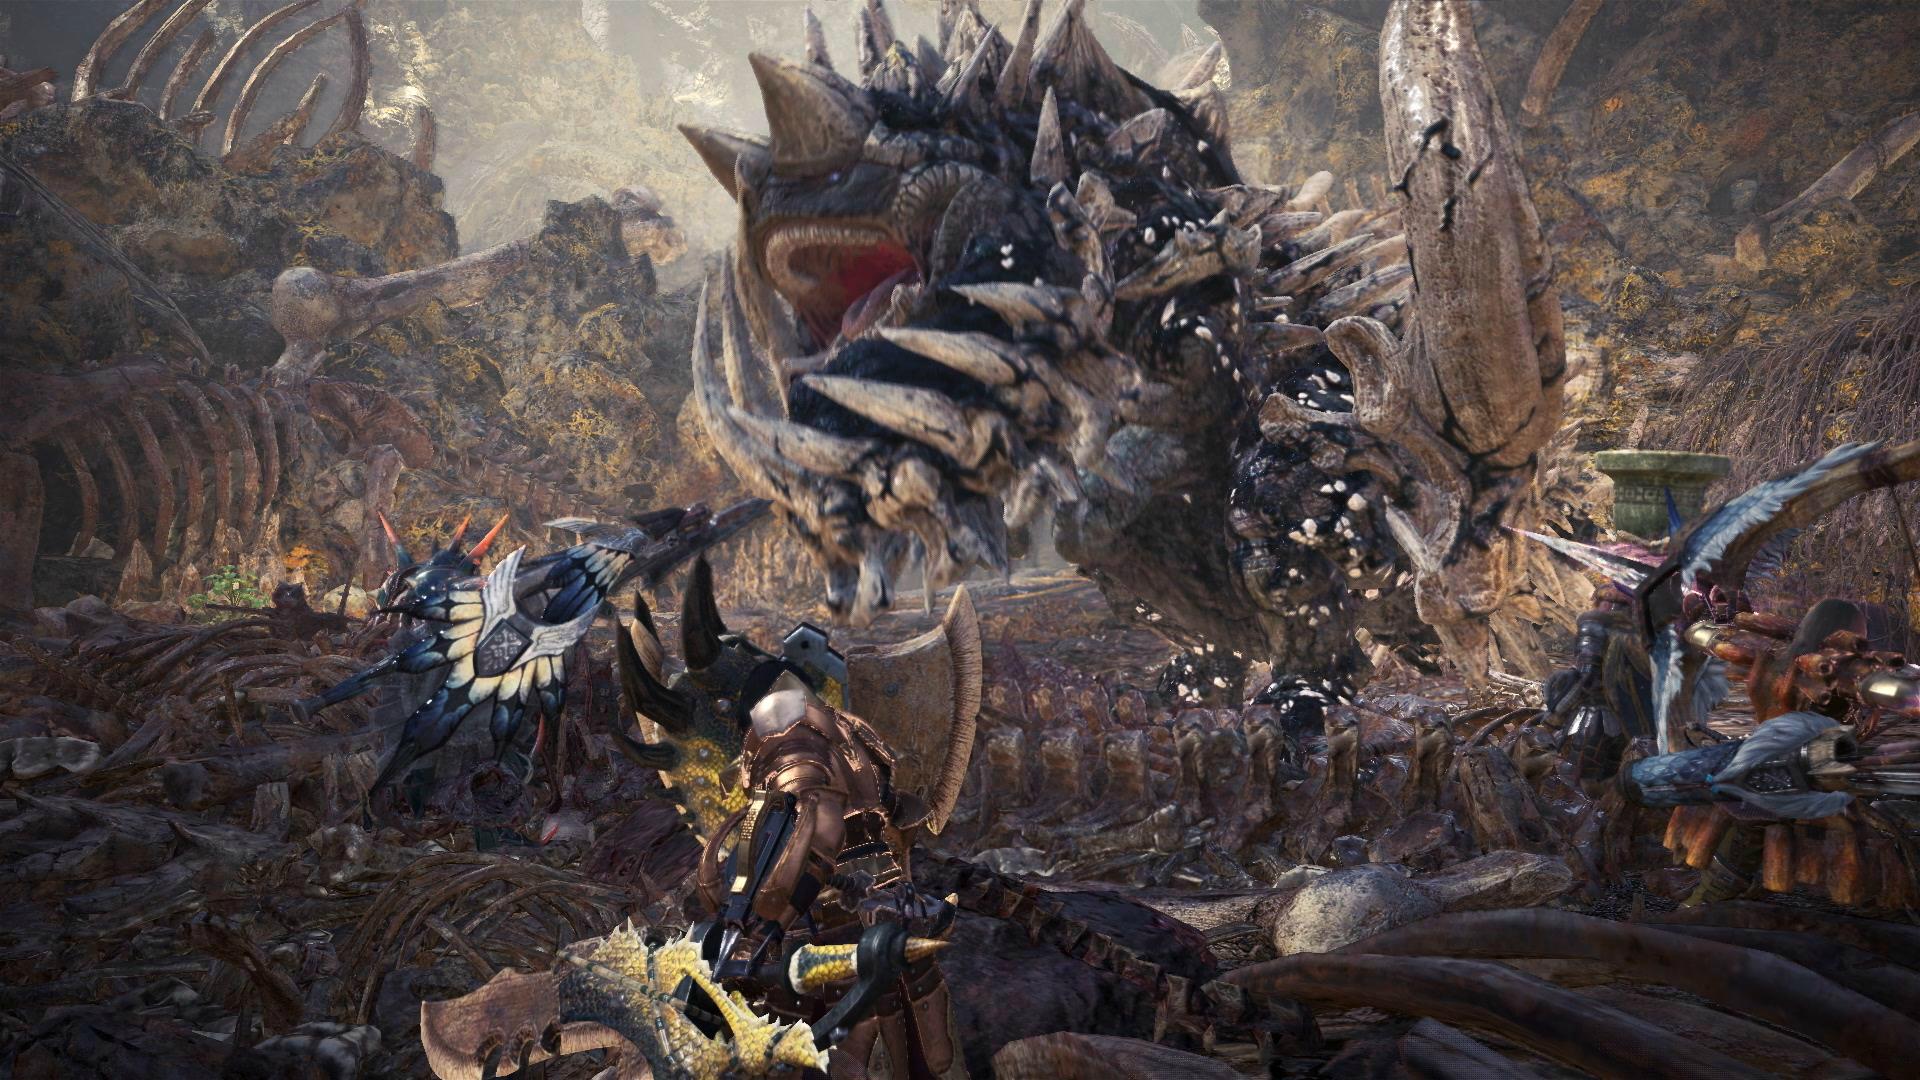 monster hunter combat